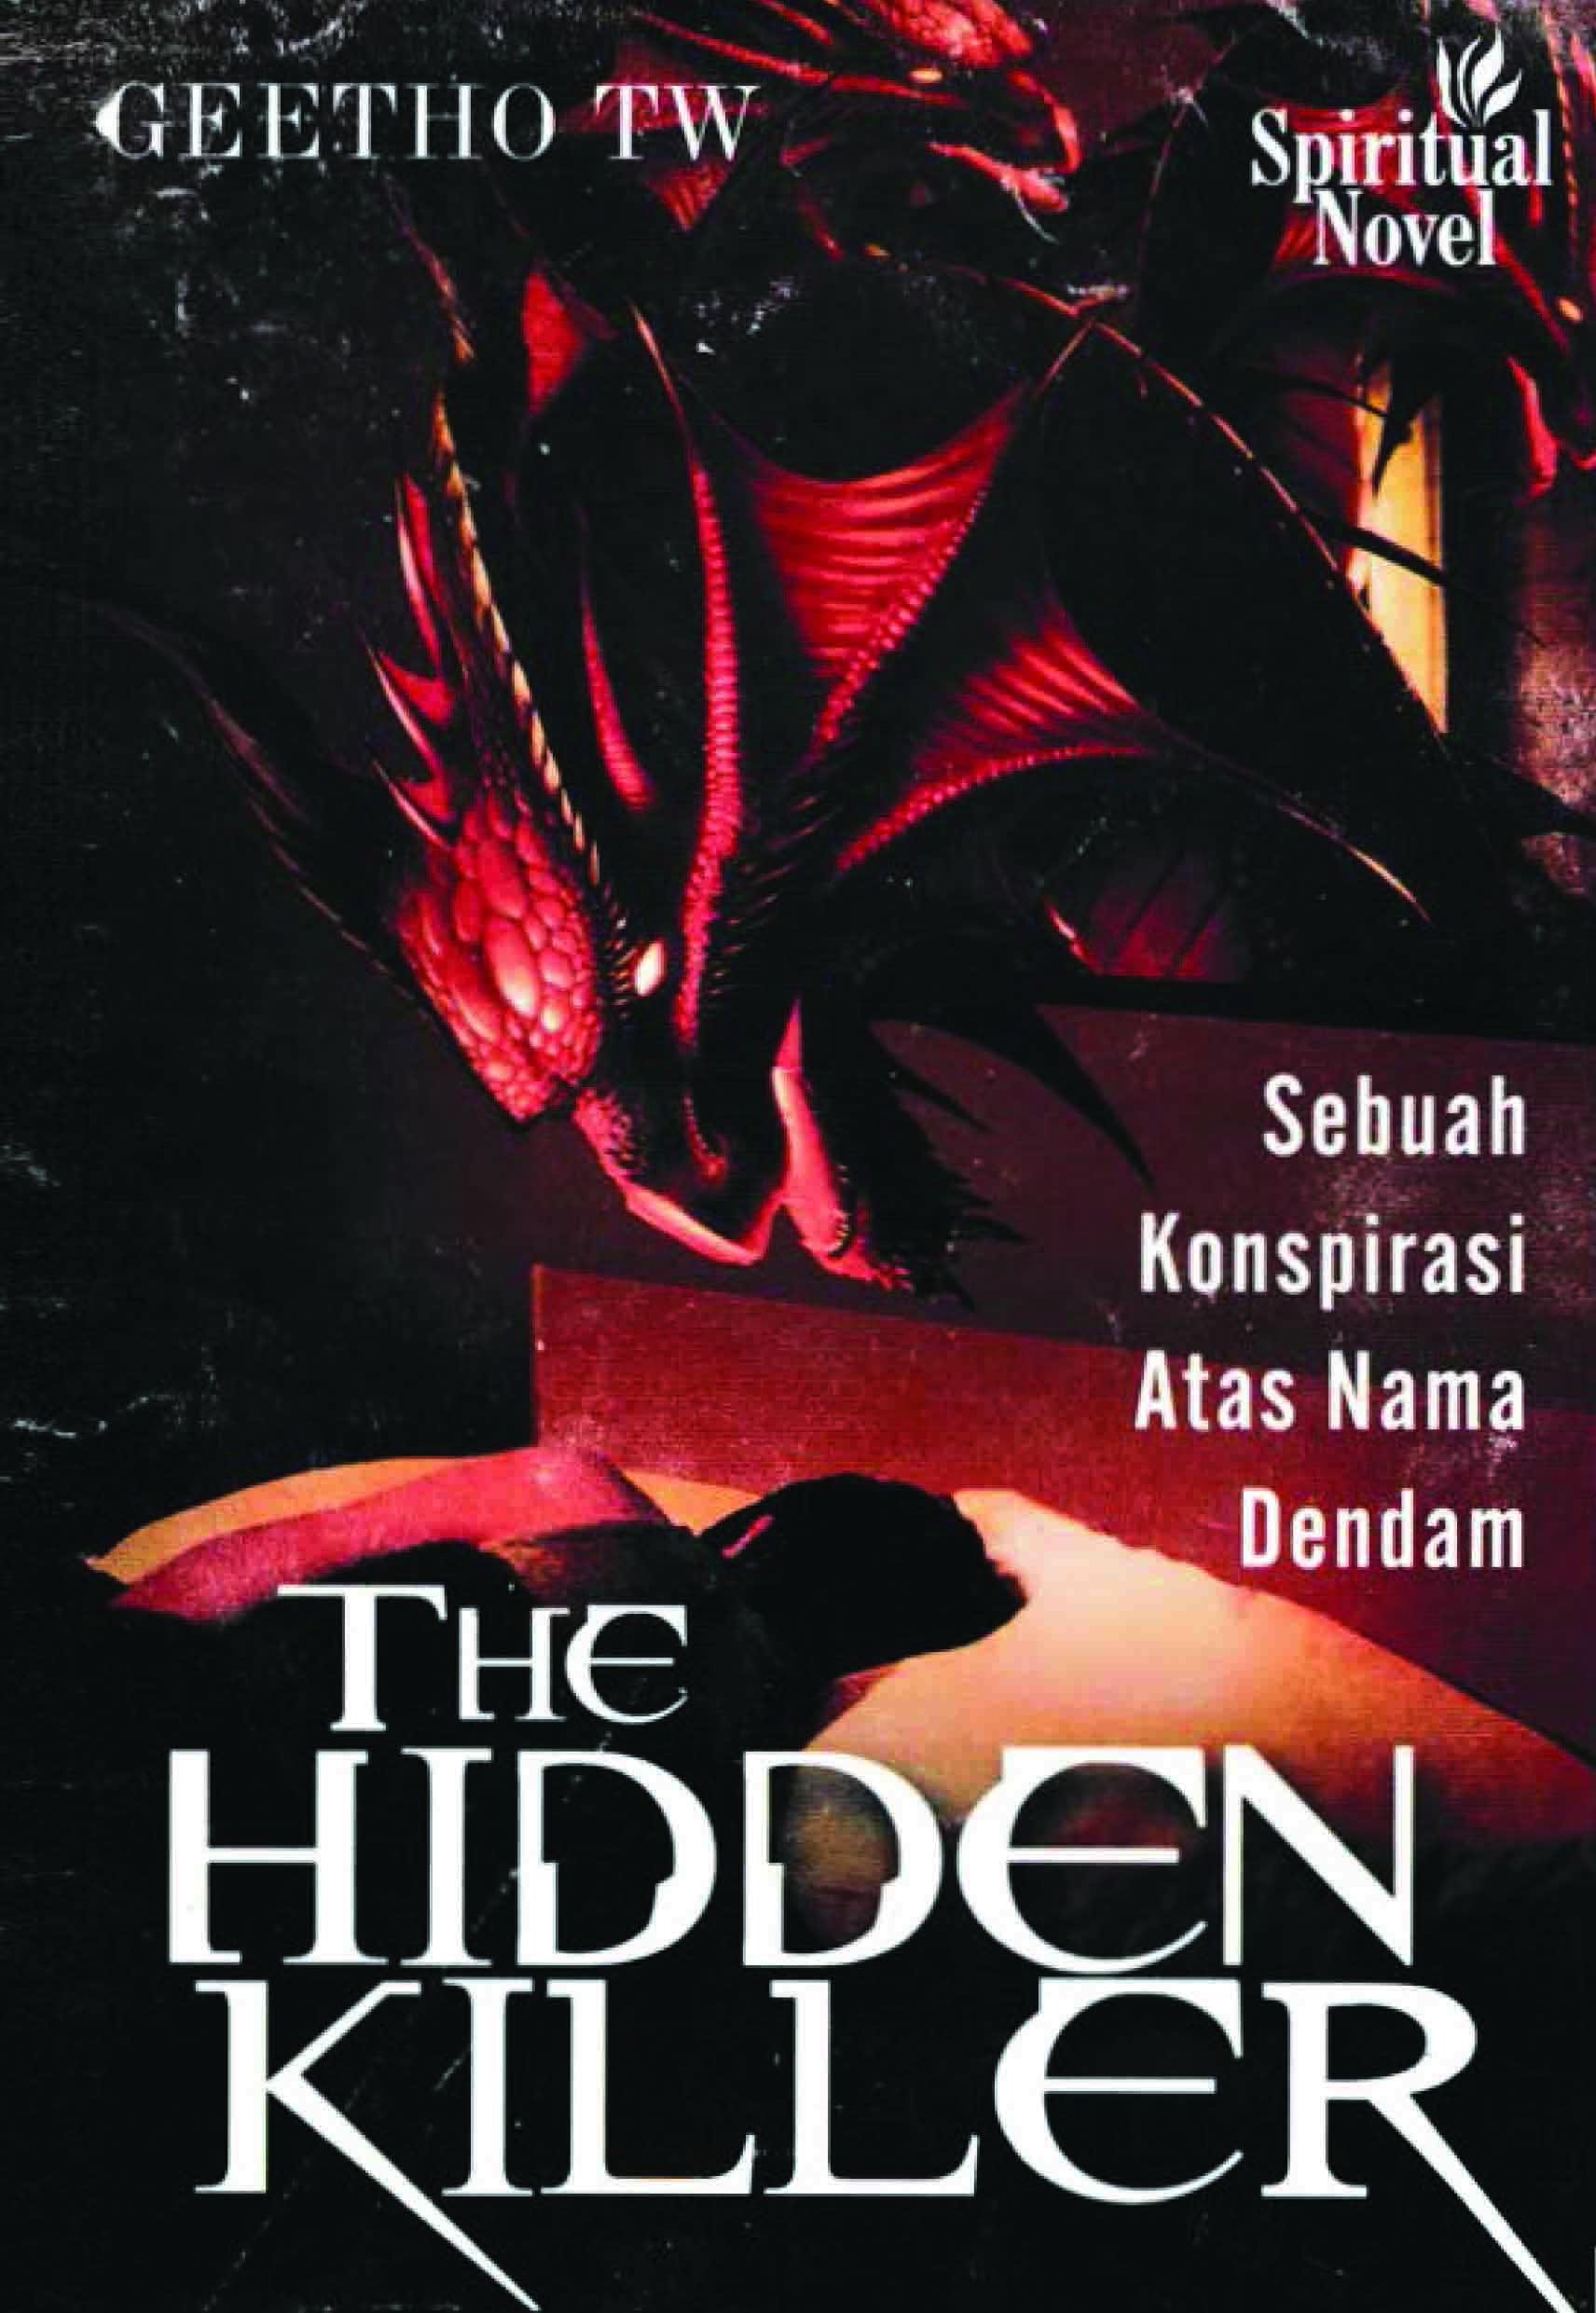 The hidden killer, sebuah konspirasi atas nama dendam [sumber elektronis]